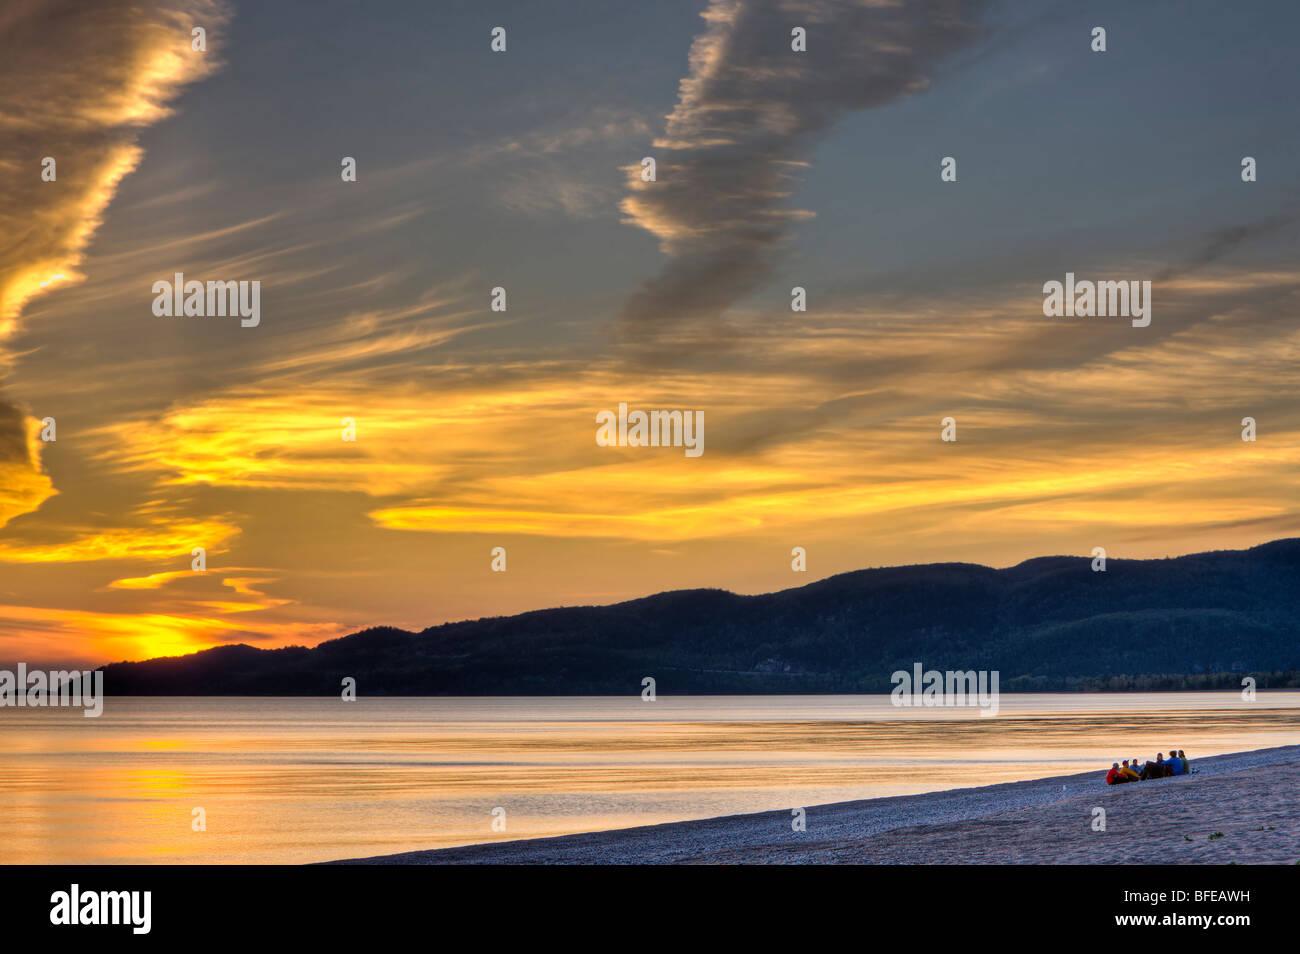 Gruppo di persone sedute sulla spiaggia nella baia di Agawa al tramonto, Lago Superiore, Lago Superior parco provinciale, Immagini Stock